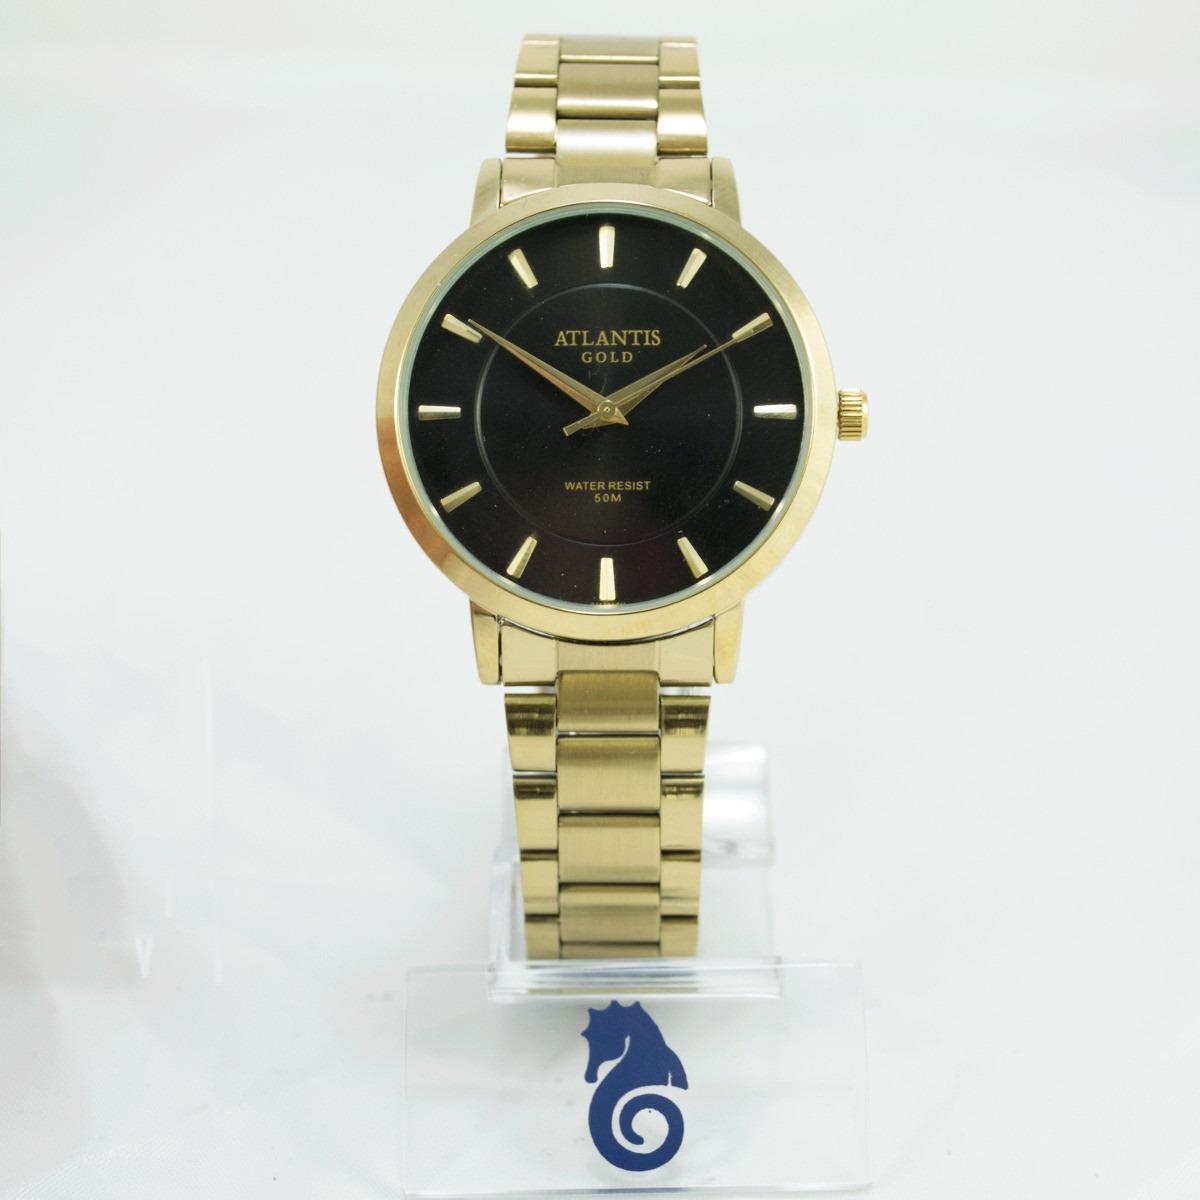 138af575e44 relógio feminino original atlantis dourado preto + caixa. Carregando zoom.